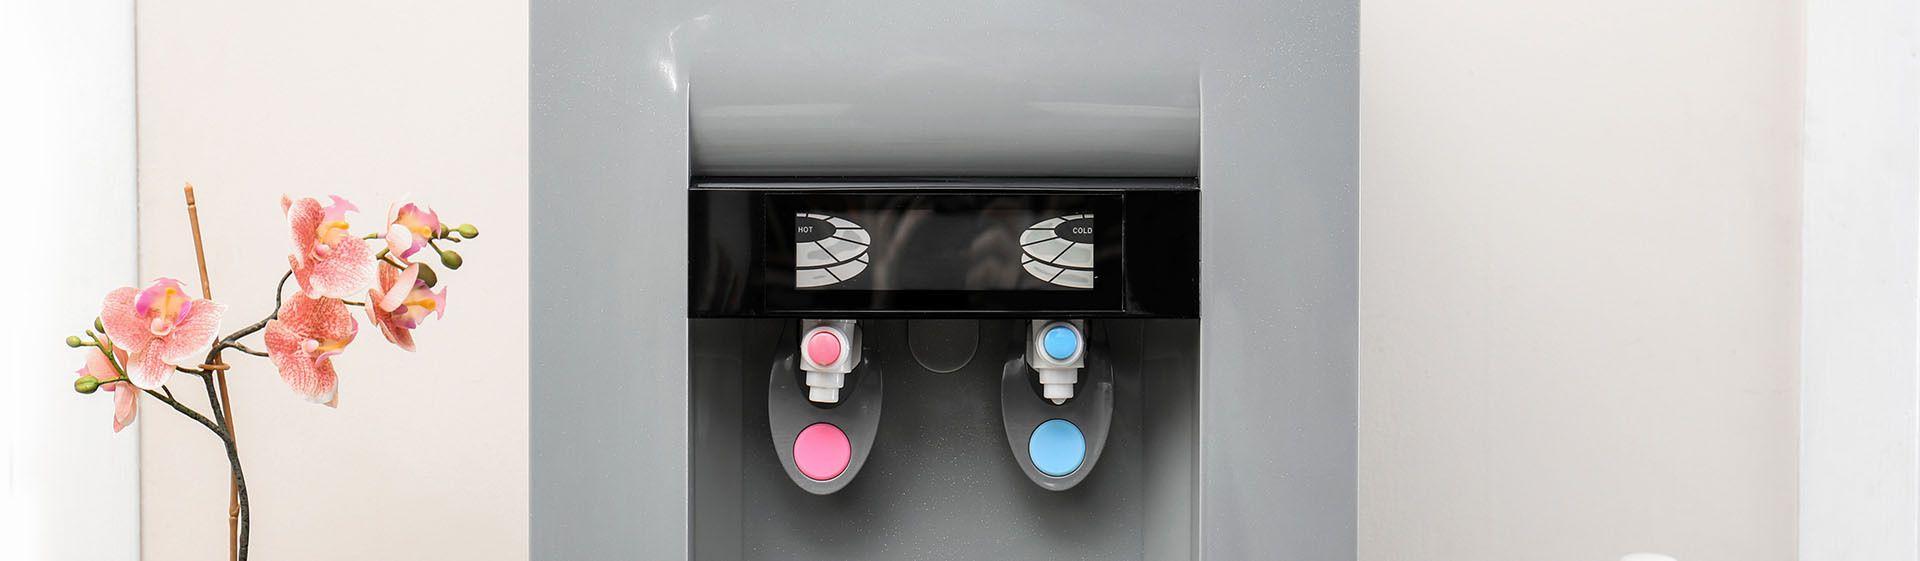 Purificador de Água: veja preço e detalhes de 7 modelos